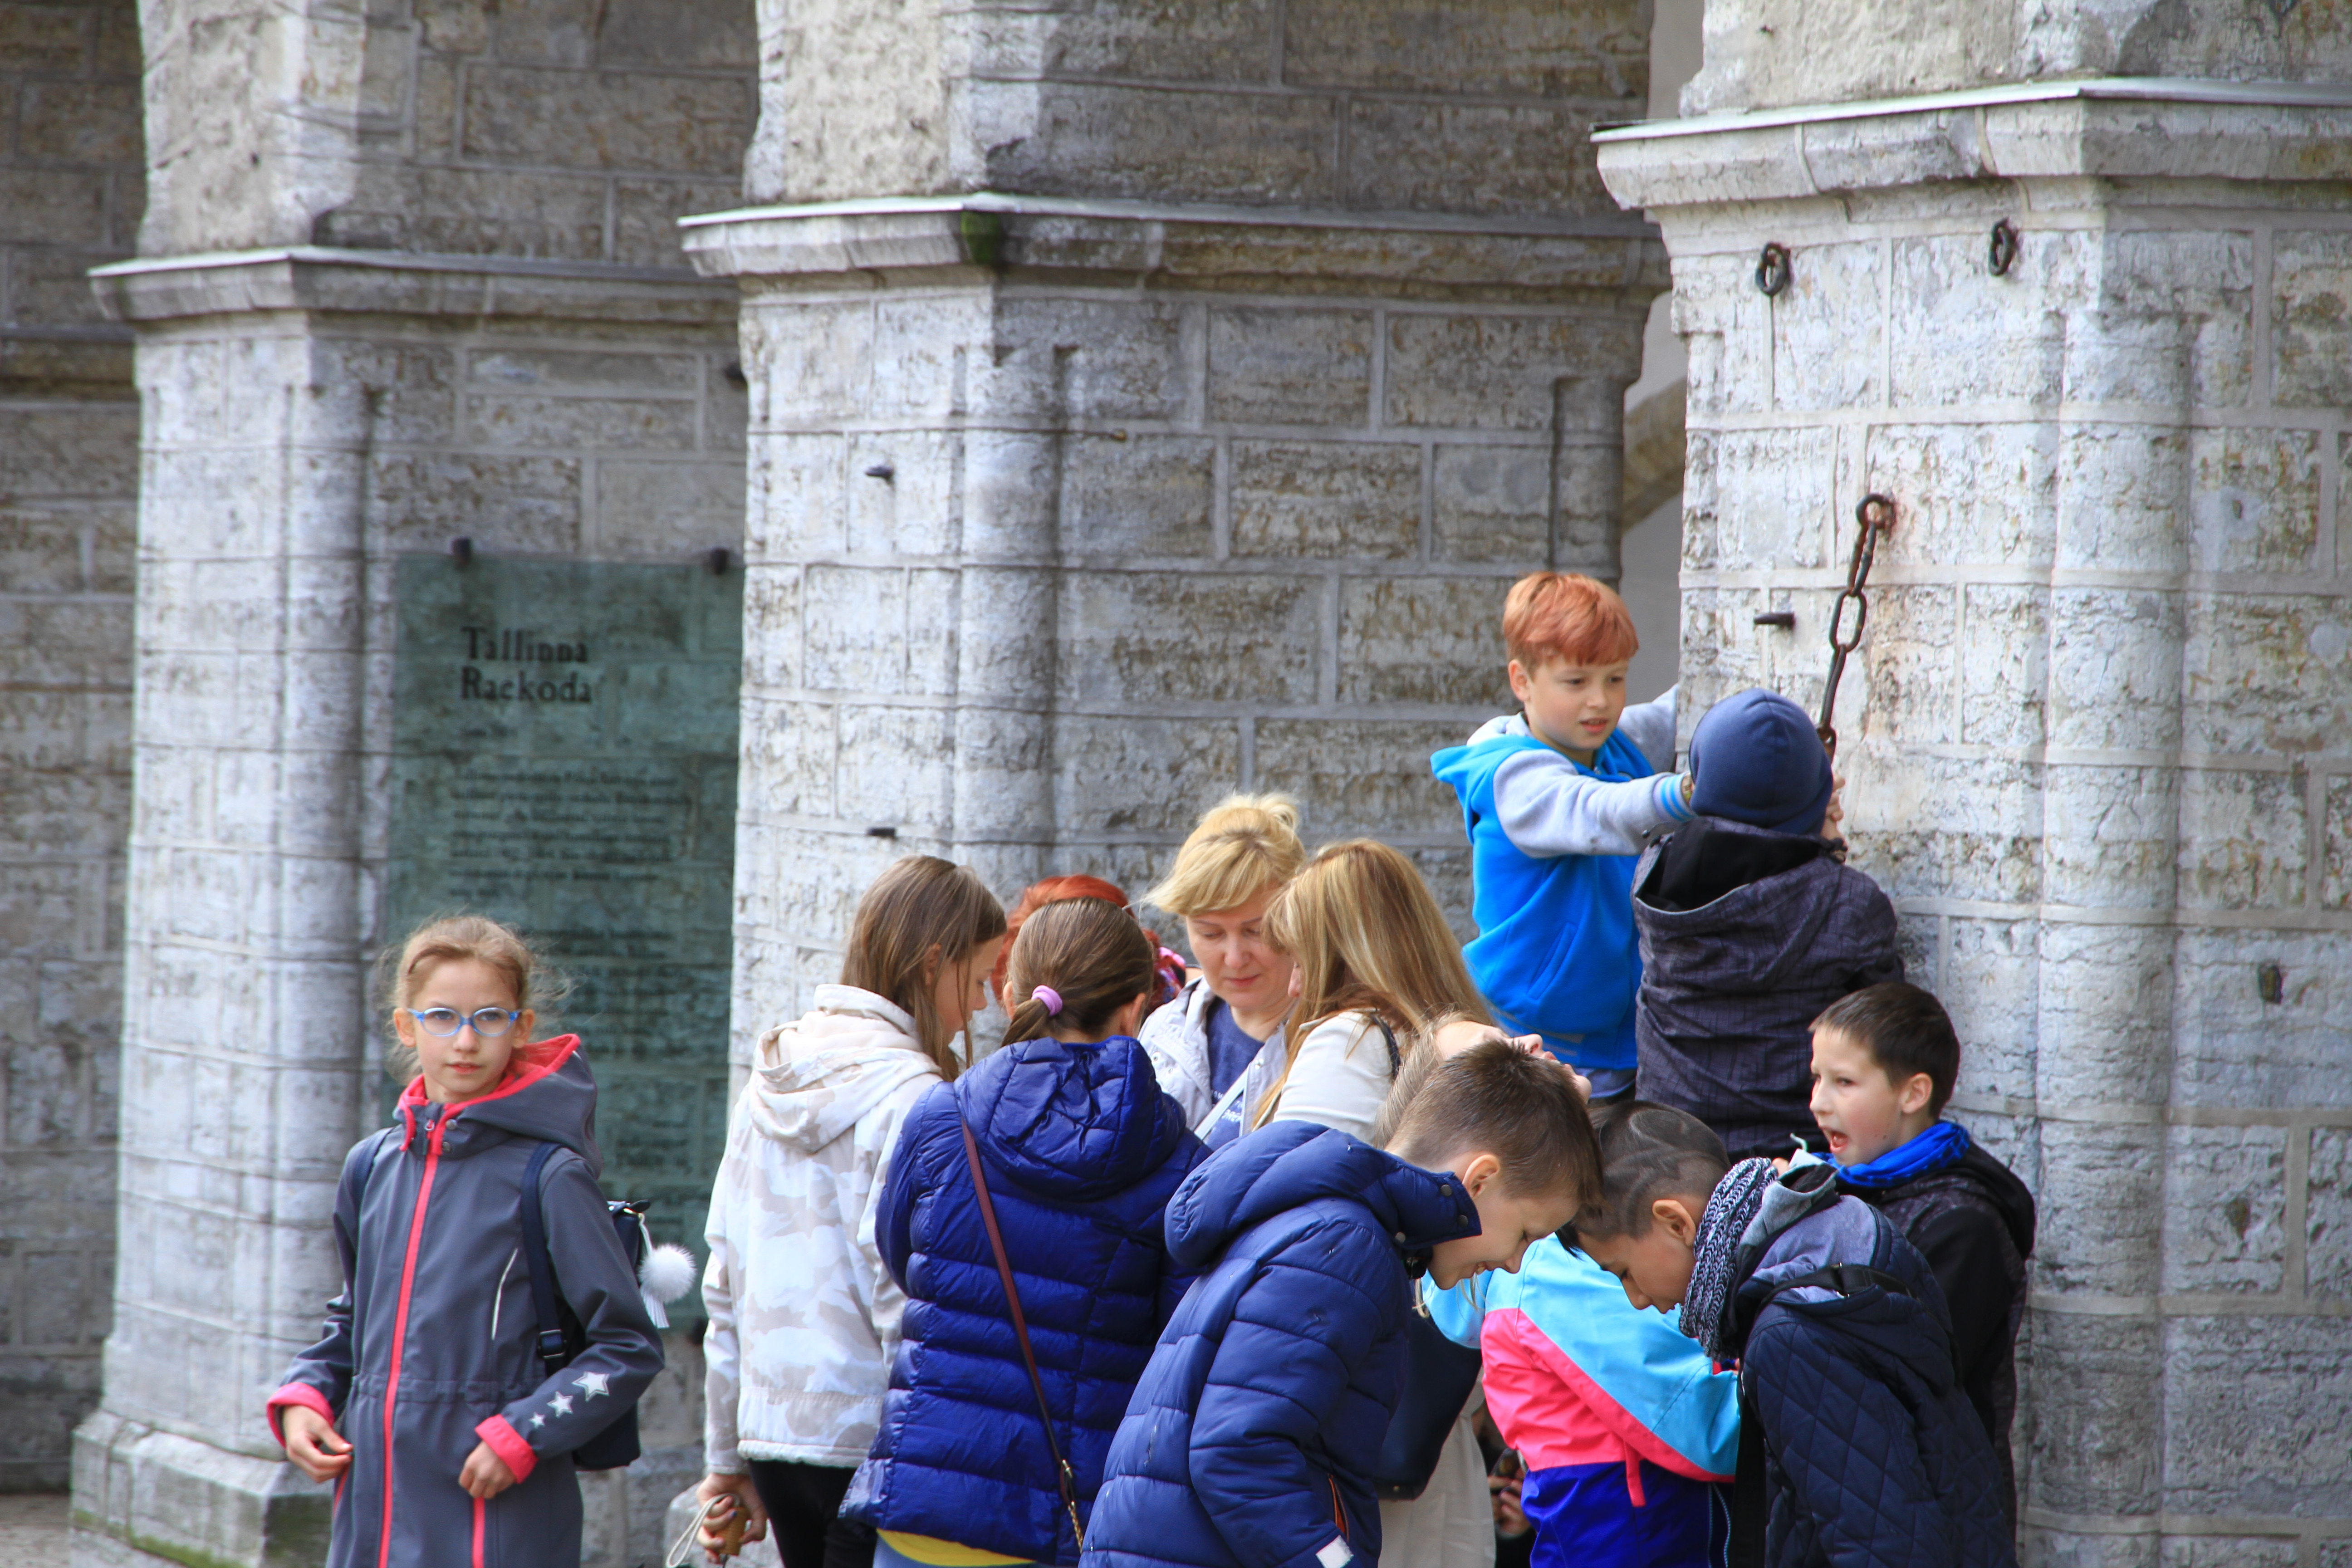 27、爱沙尼亚塔林:玩耍的孩子们